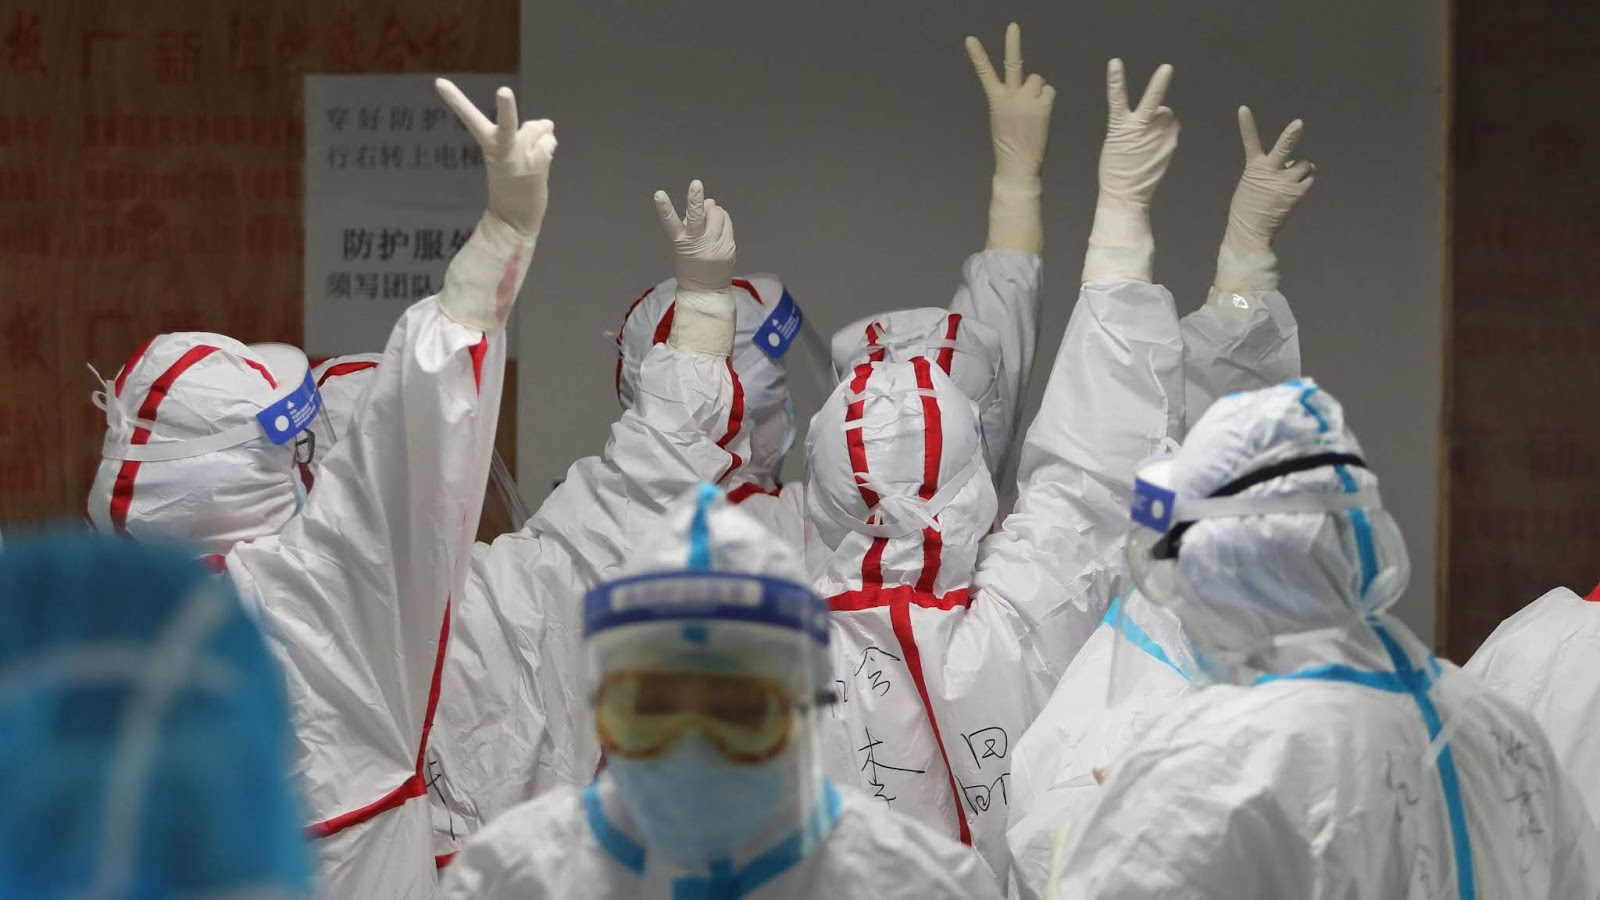 Ya no hay pacientes de coronavirus internados en Wuhan